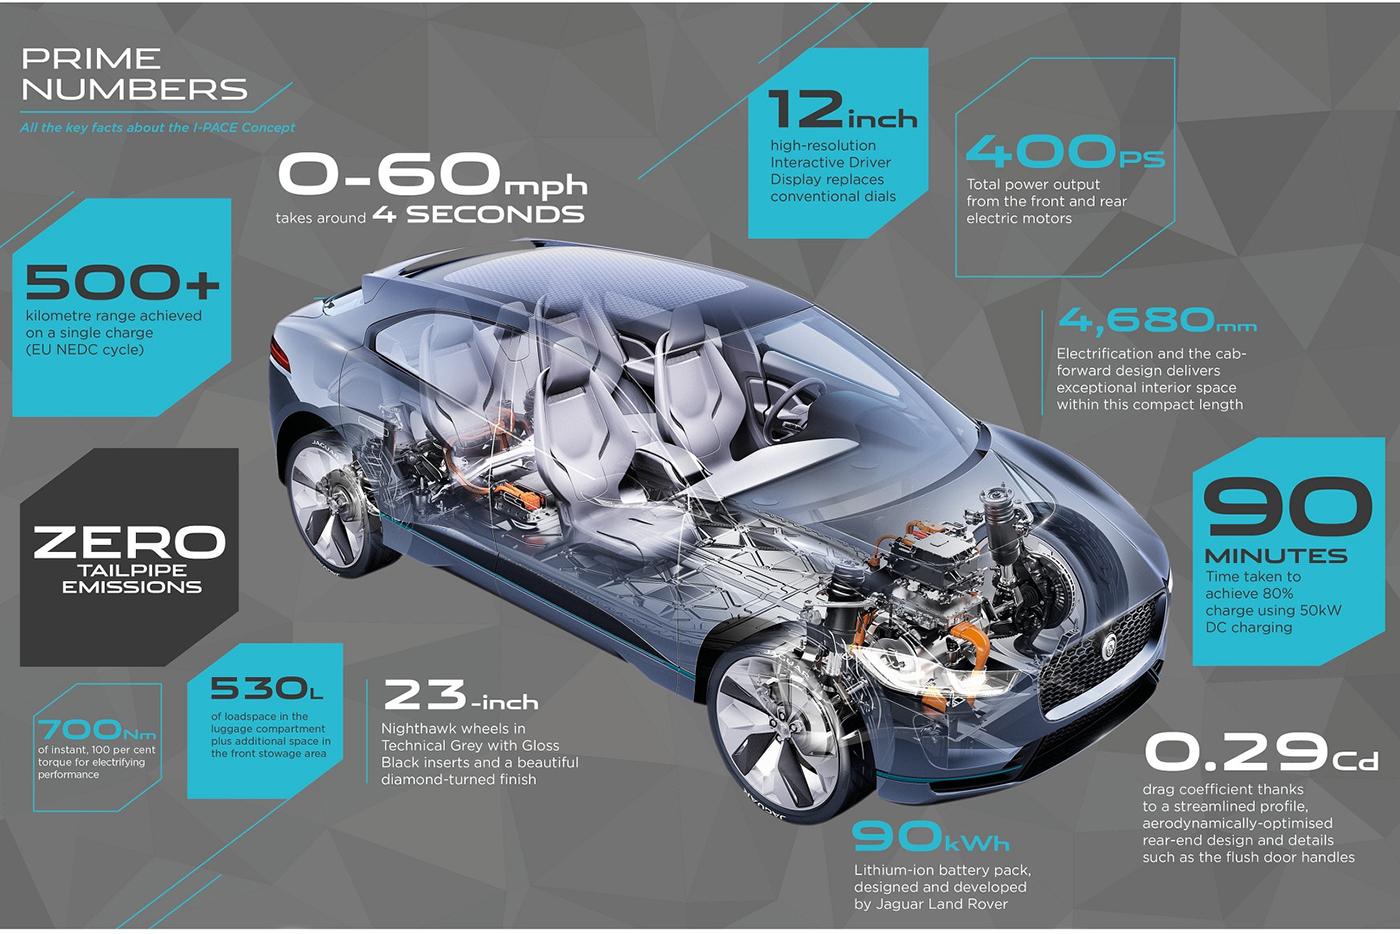 jaguar-i-pace-concept-11.jpg